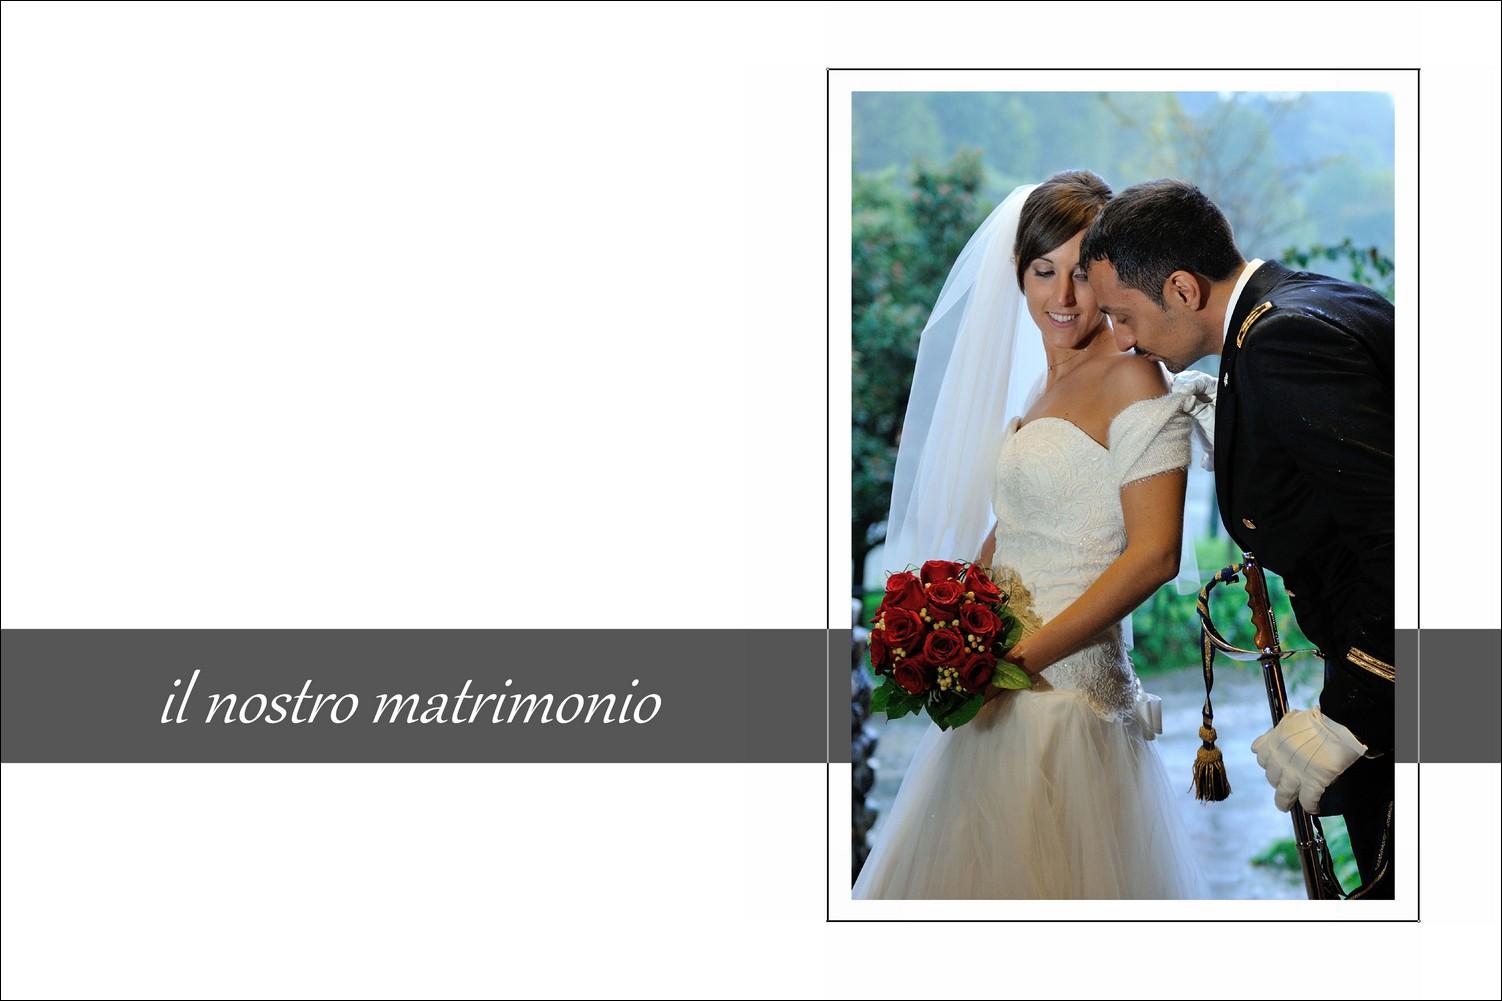 Fotolibro Matrimonio